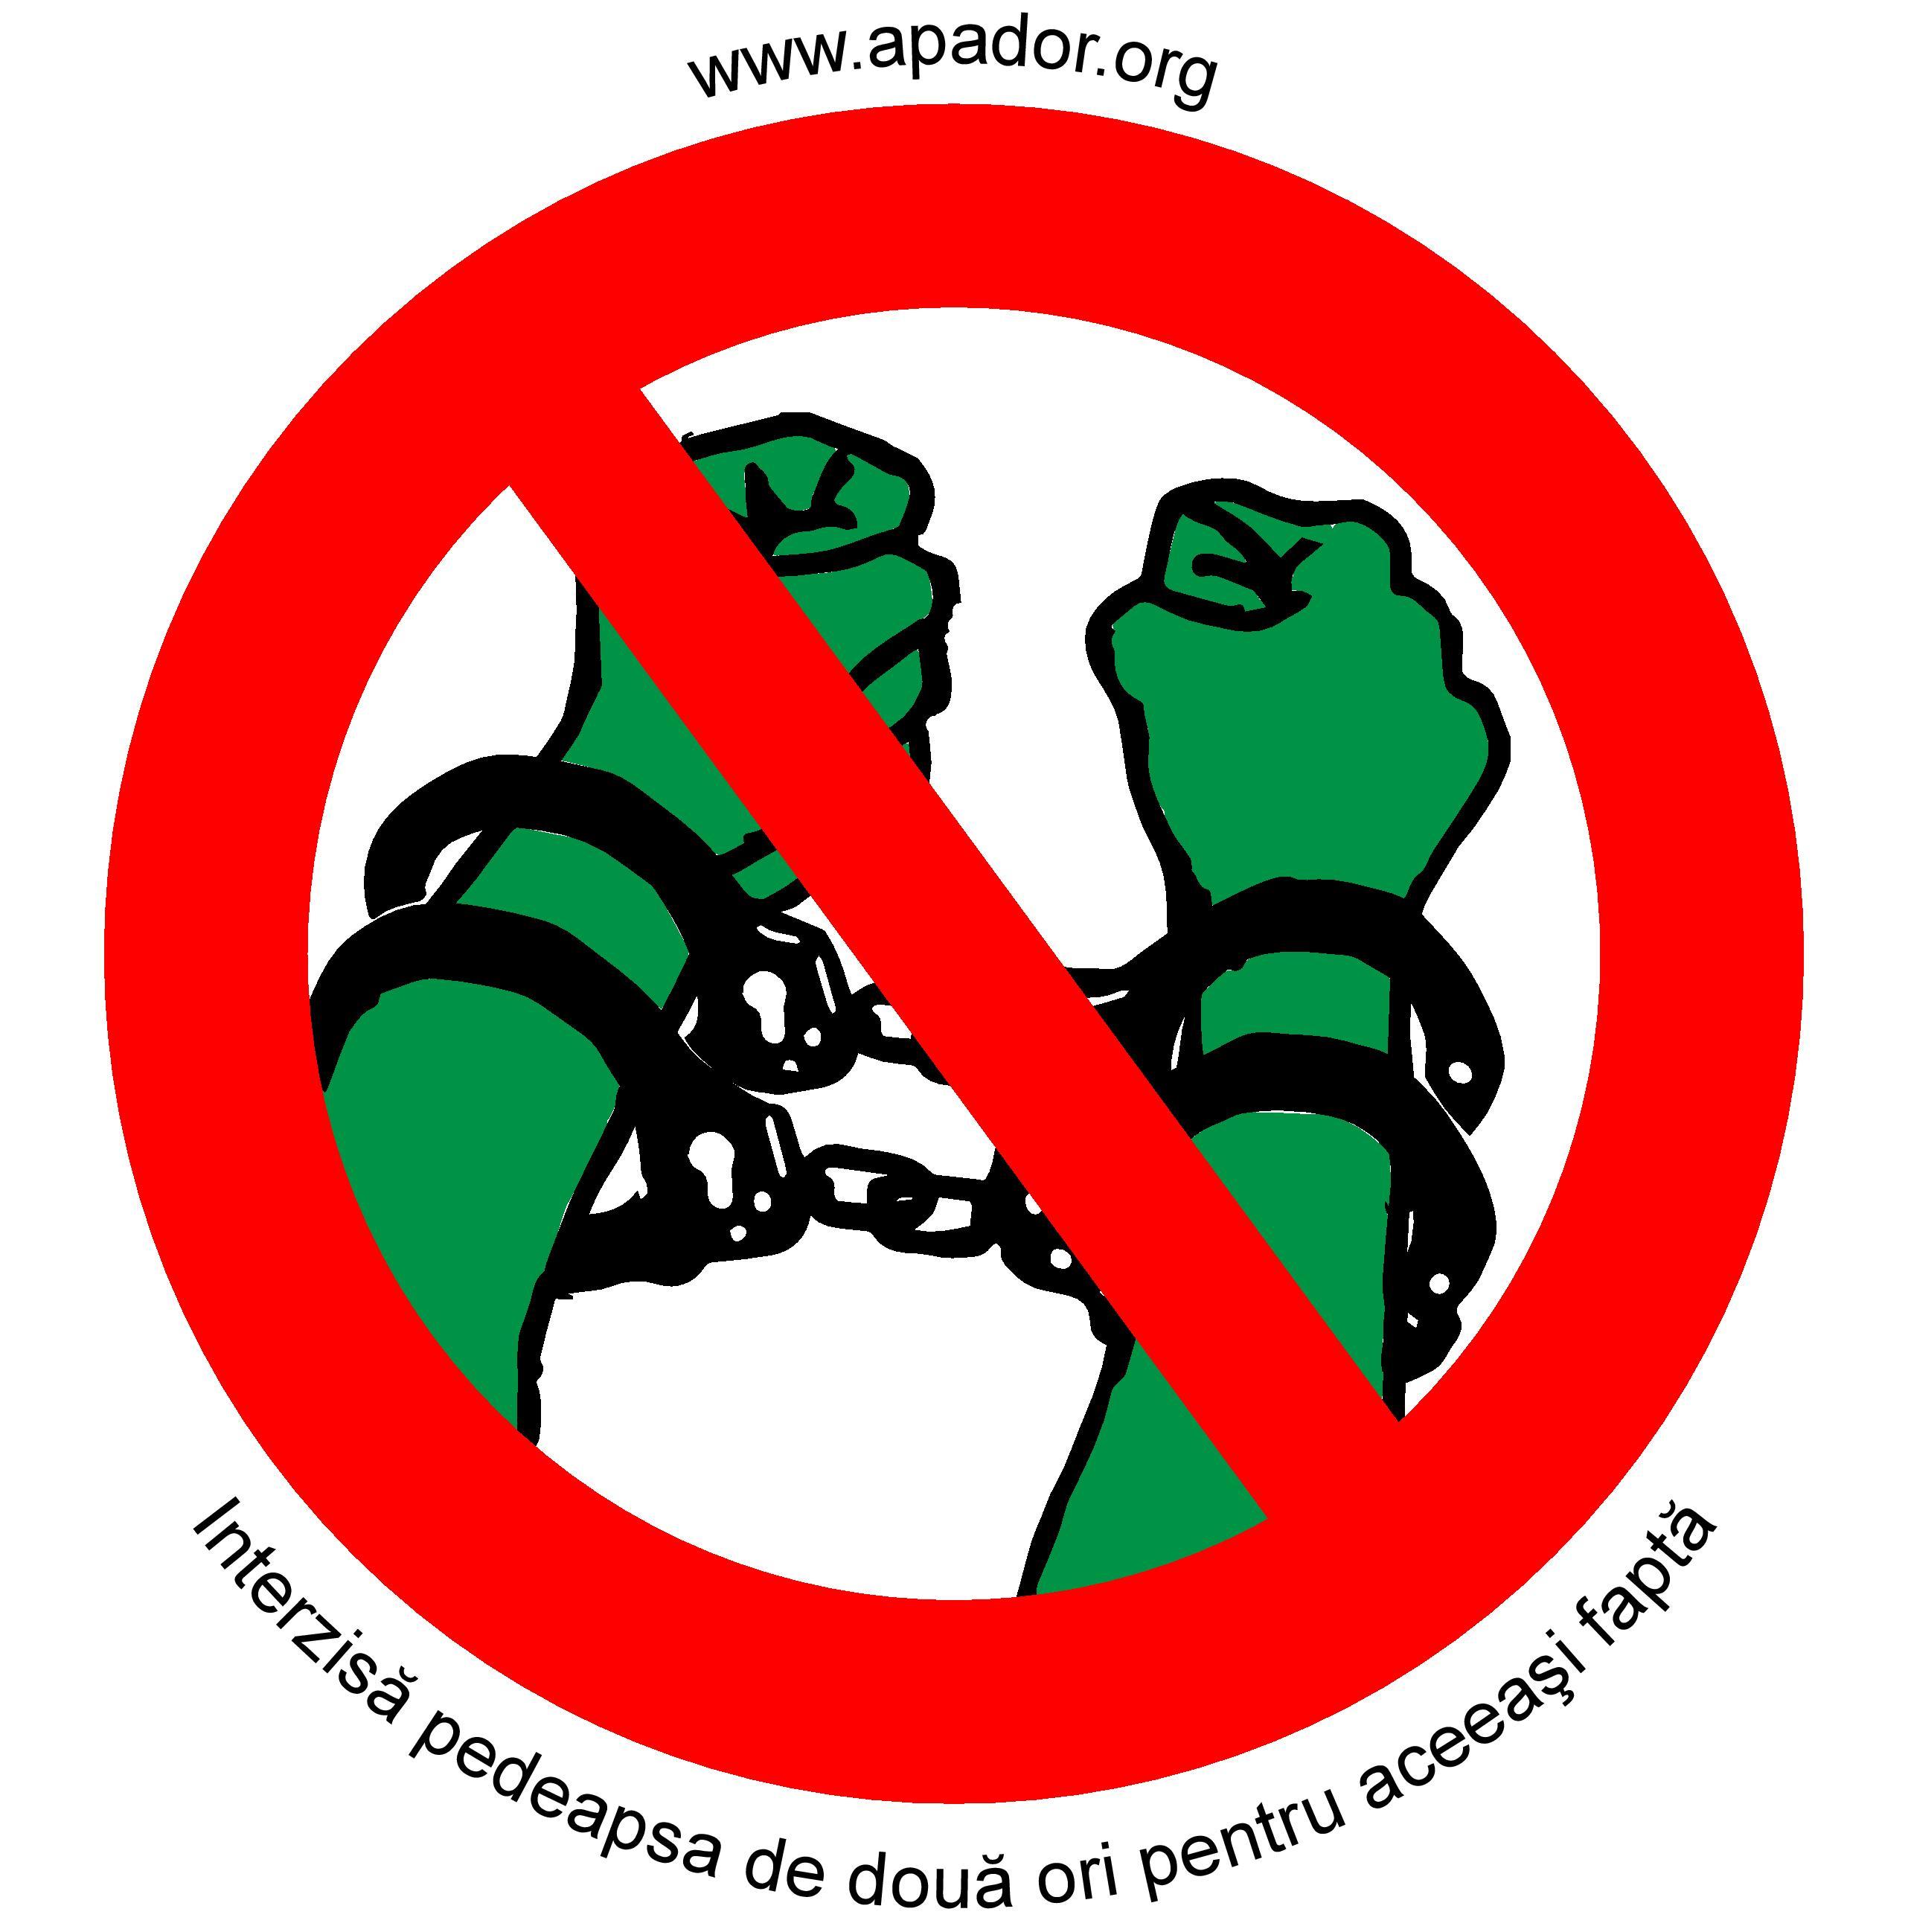 Dreptul de a nu fi judecat sau pedepsit de două ori pentru aceeași faptă